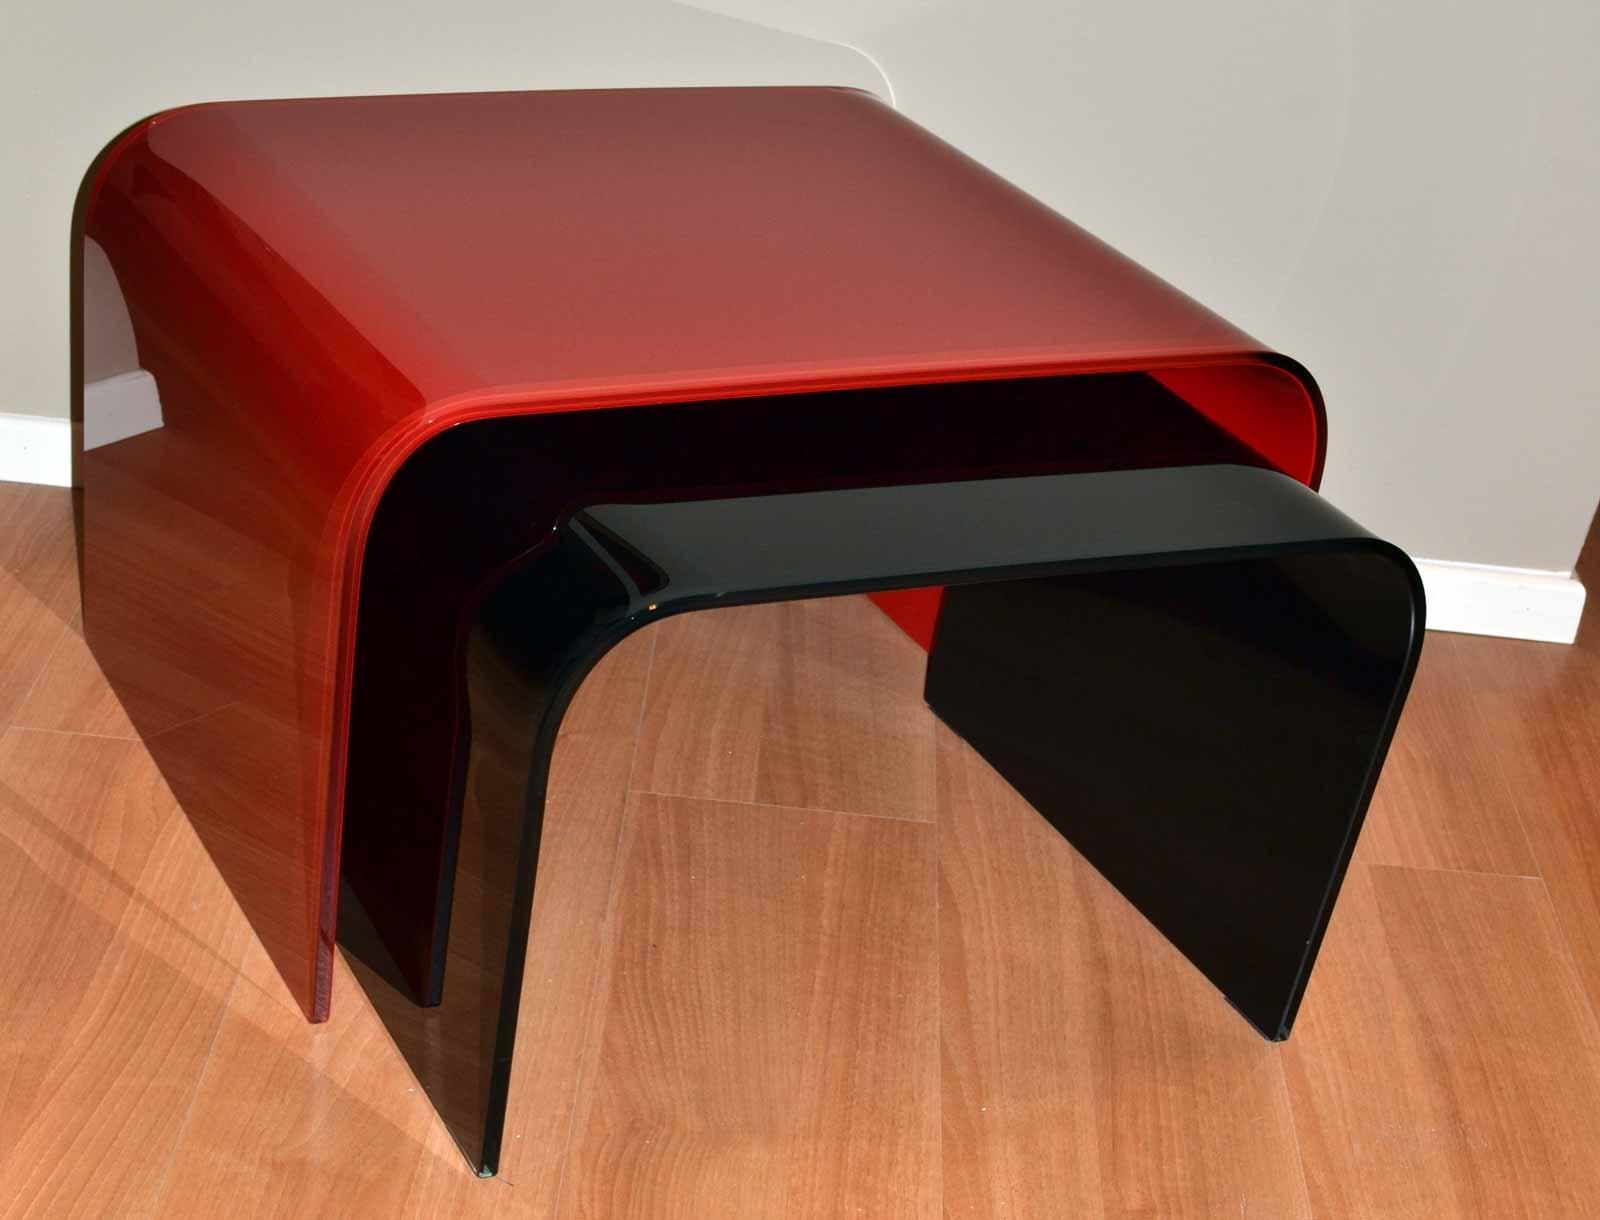 Bis Tavolino rosso e nero – Moscheni